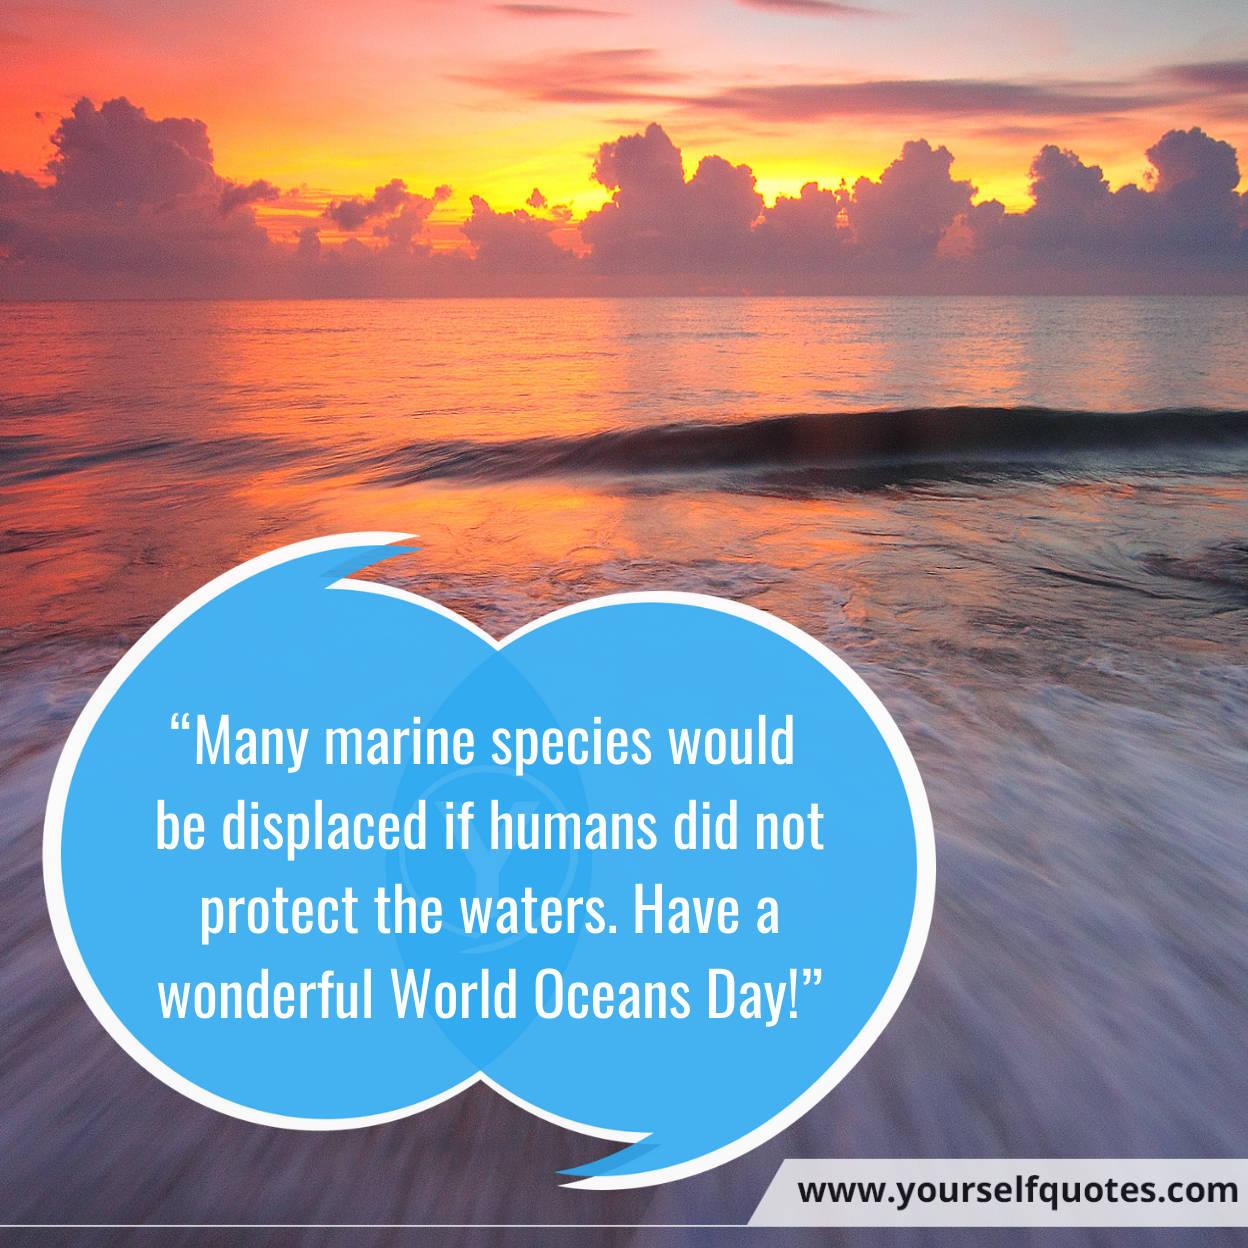 Foto Pesan Selamat Hari Laut Sedunia